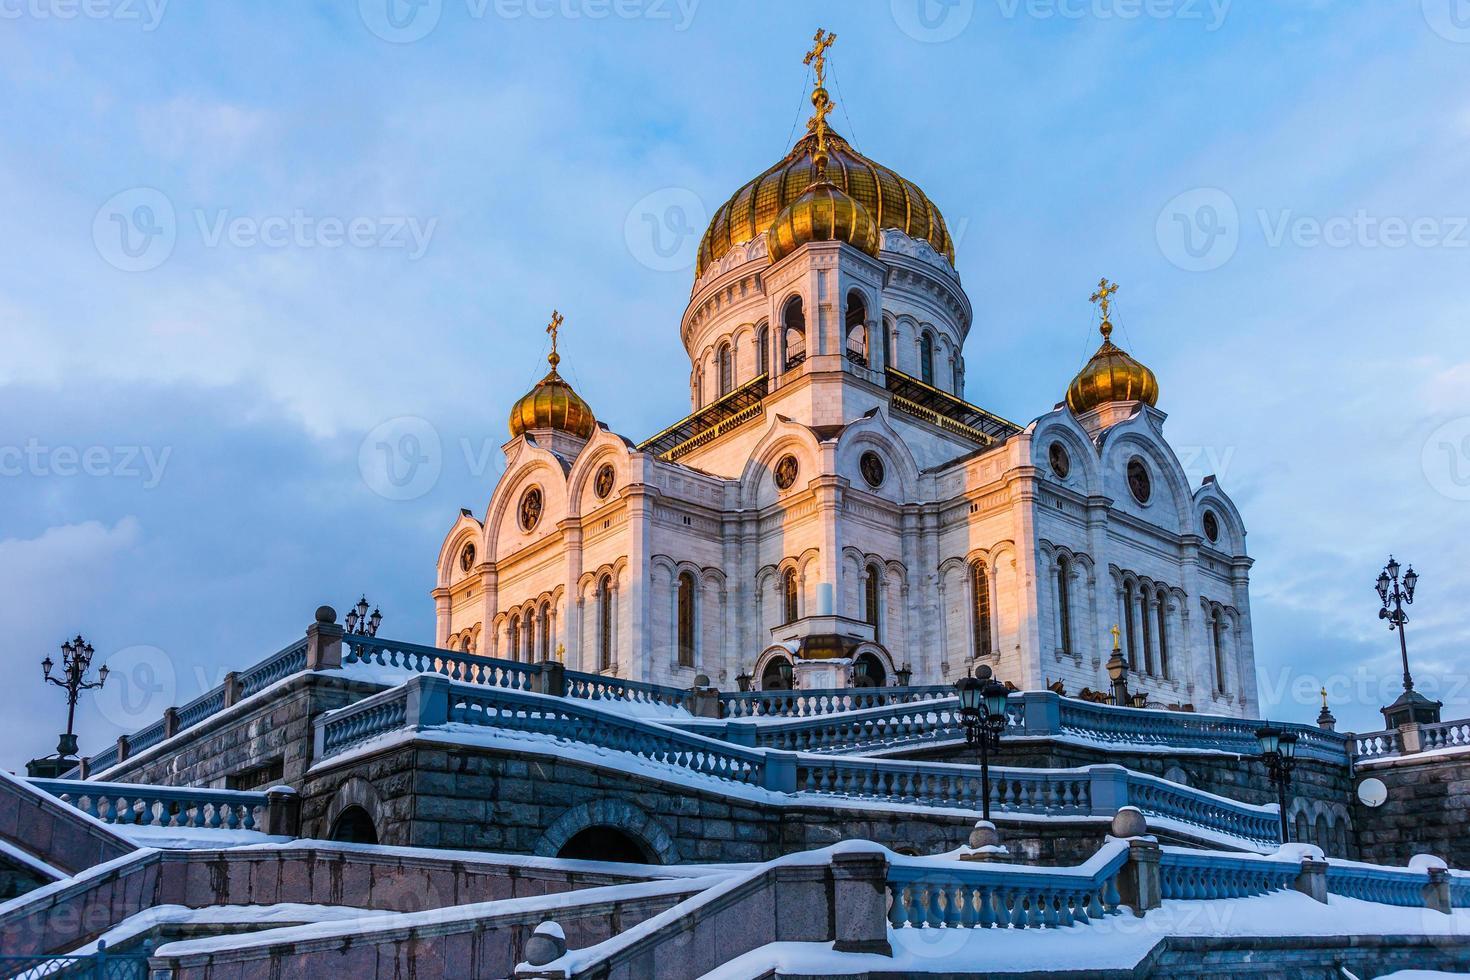 Cattedrale di Cristo Salvatore al tramonto invernale foto